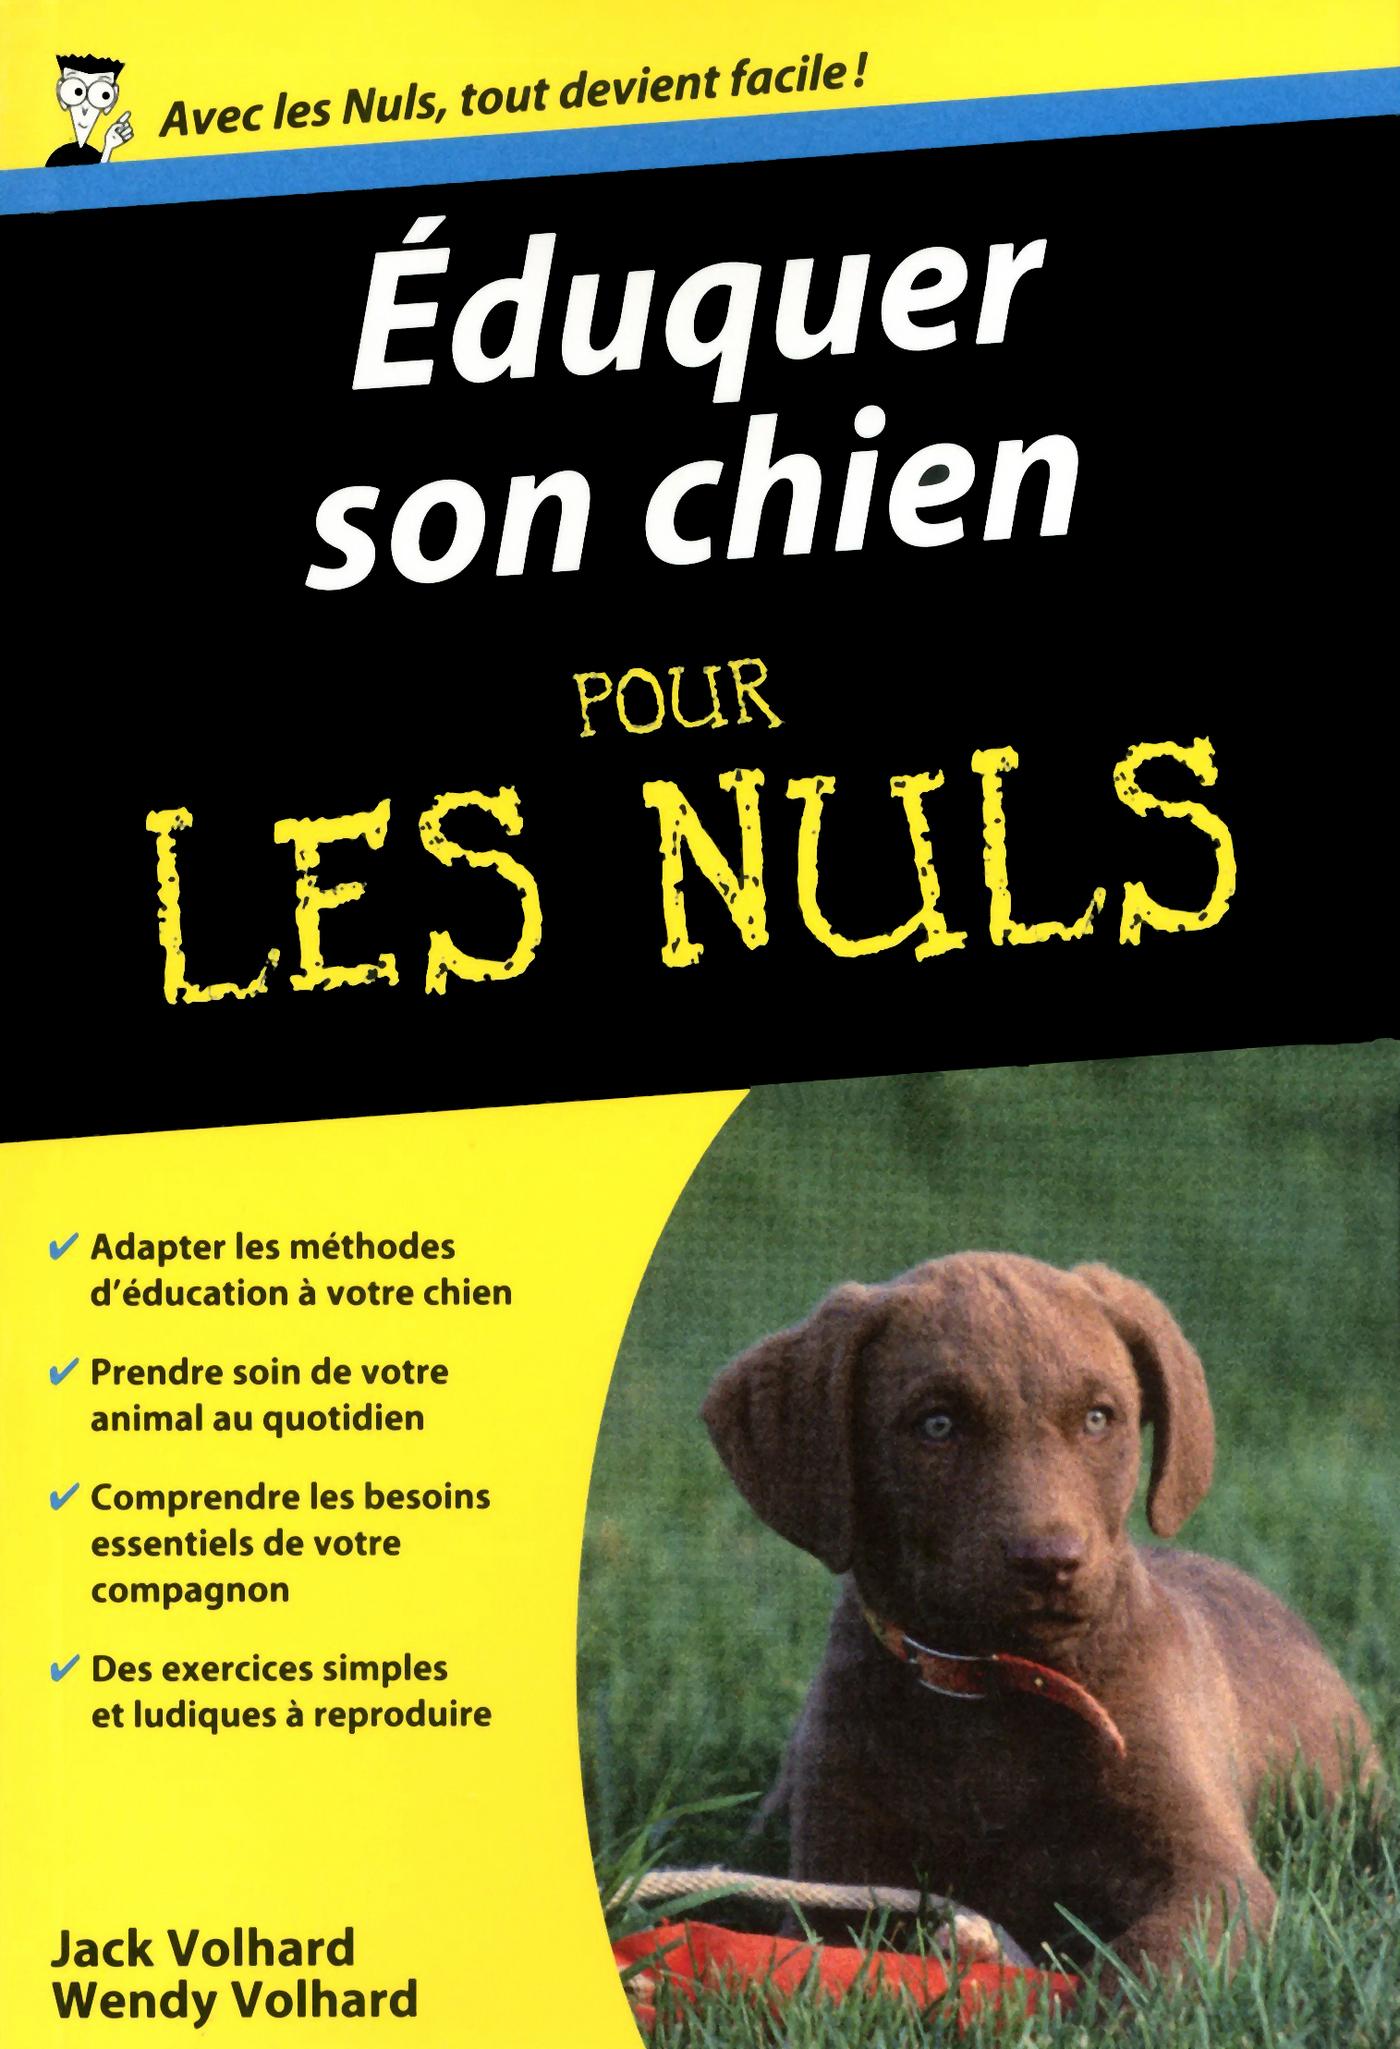 Eduquer son chien Pour les Nuls - Wendy VOLHARD, Jack